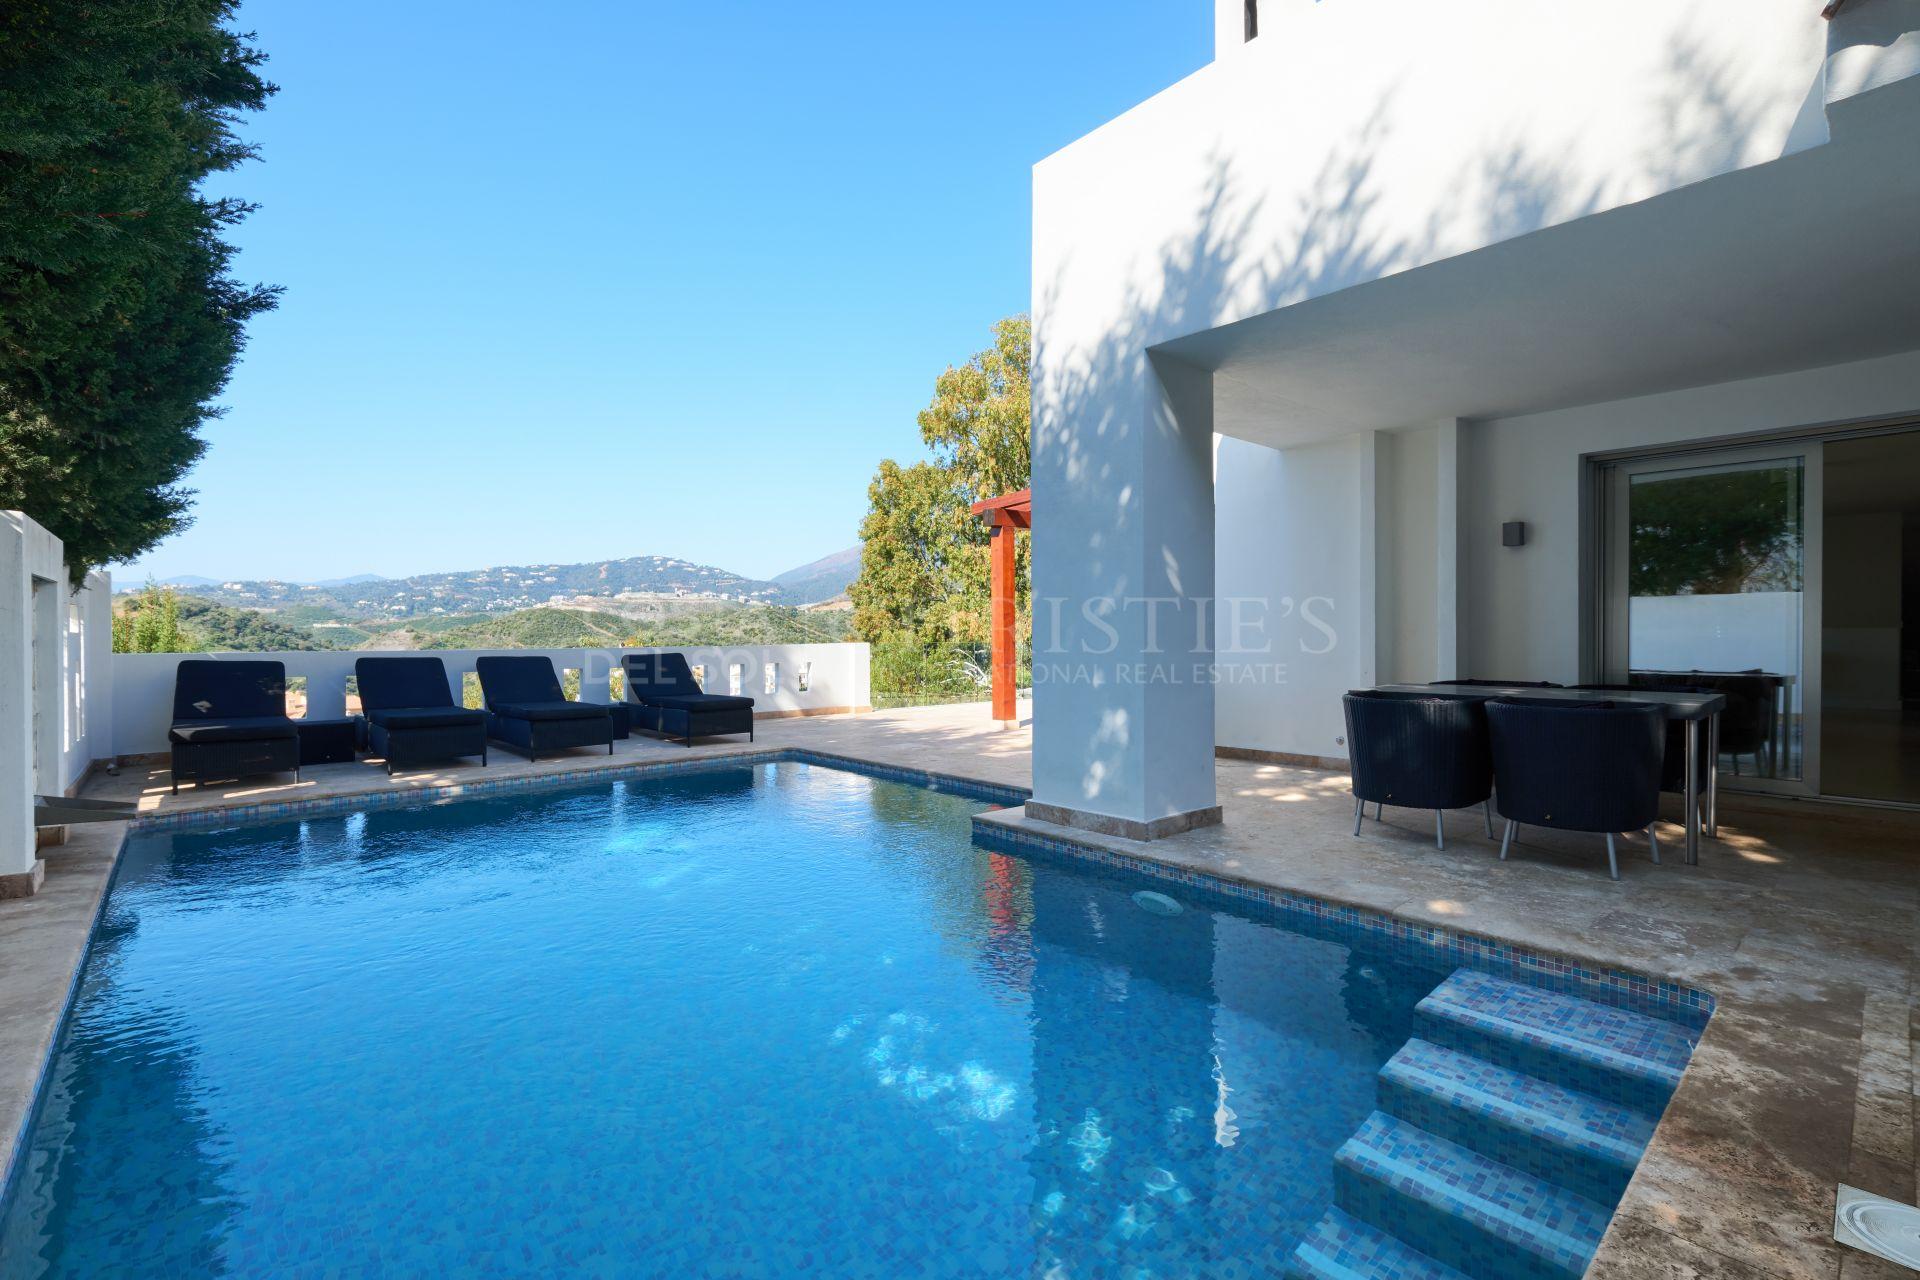 Schitterende villa in Las Lomas de Nueva Andalucía, Marbella   Christie's International Real Estate